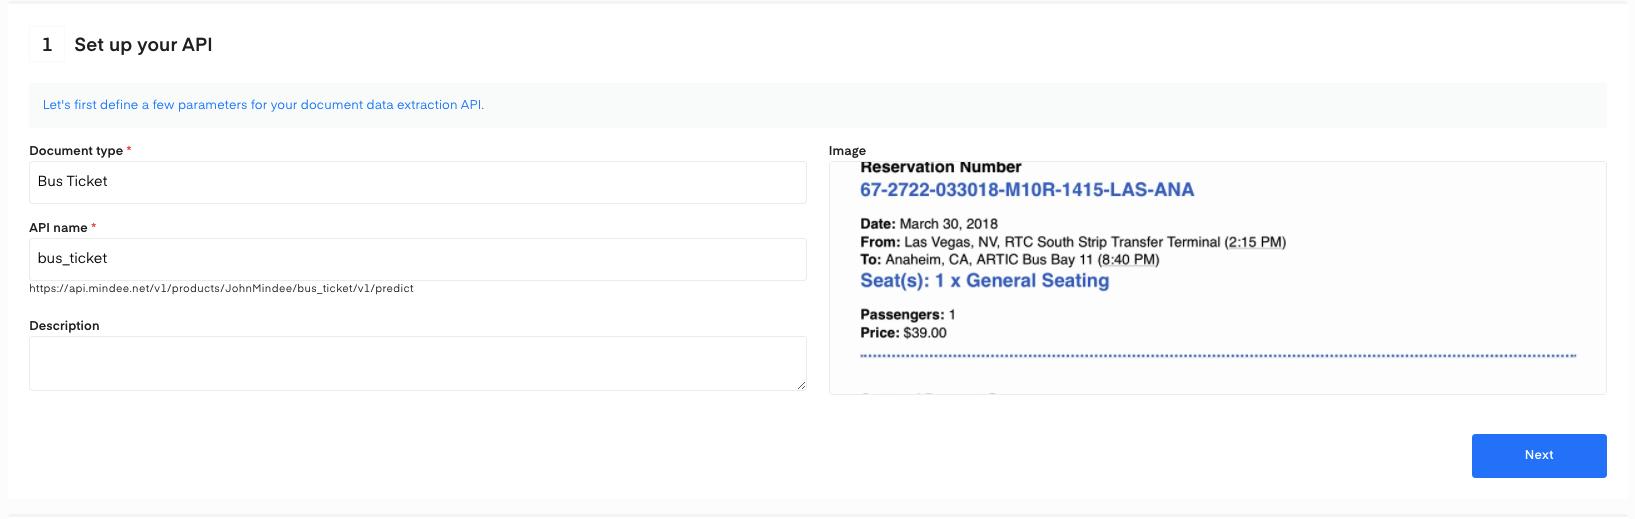 Set up your bus ticket OCR API